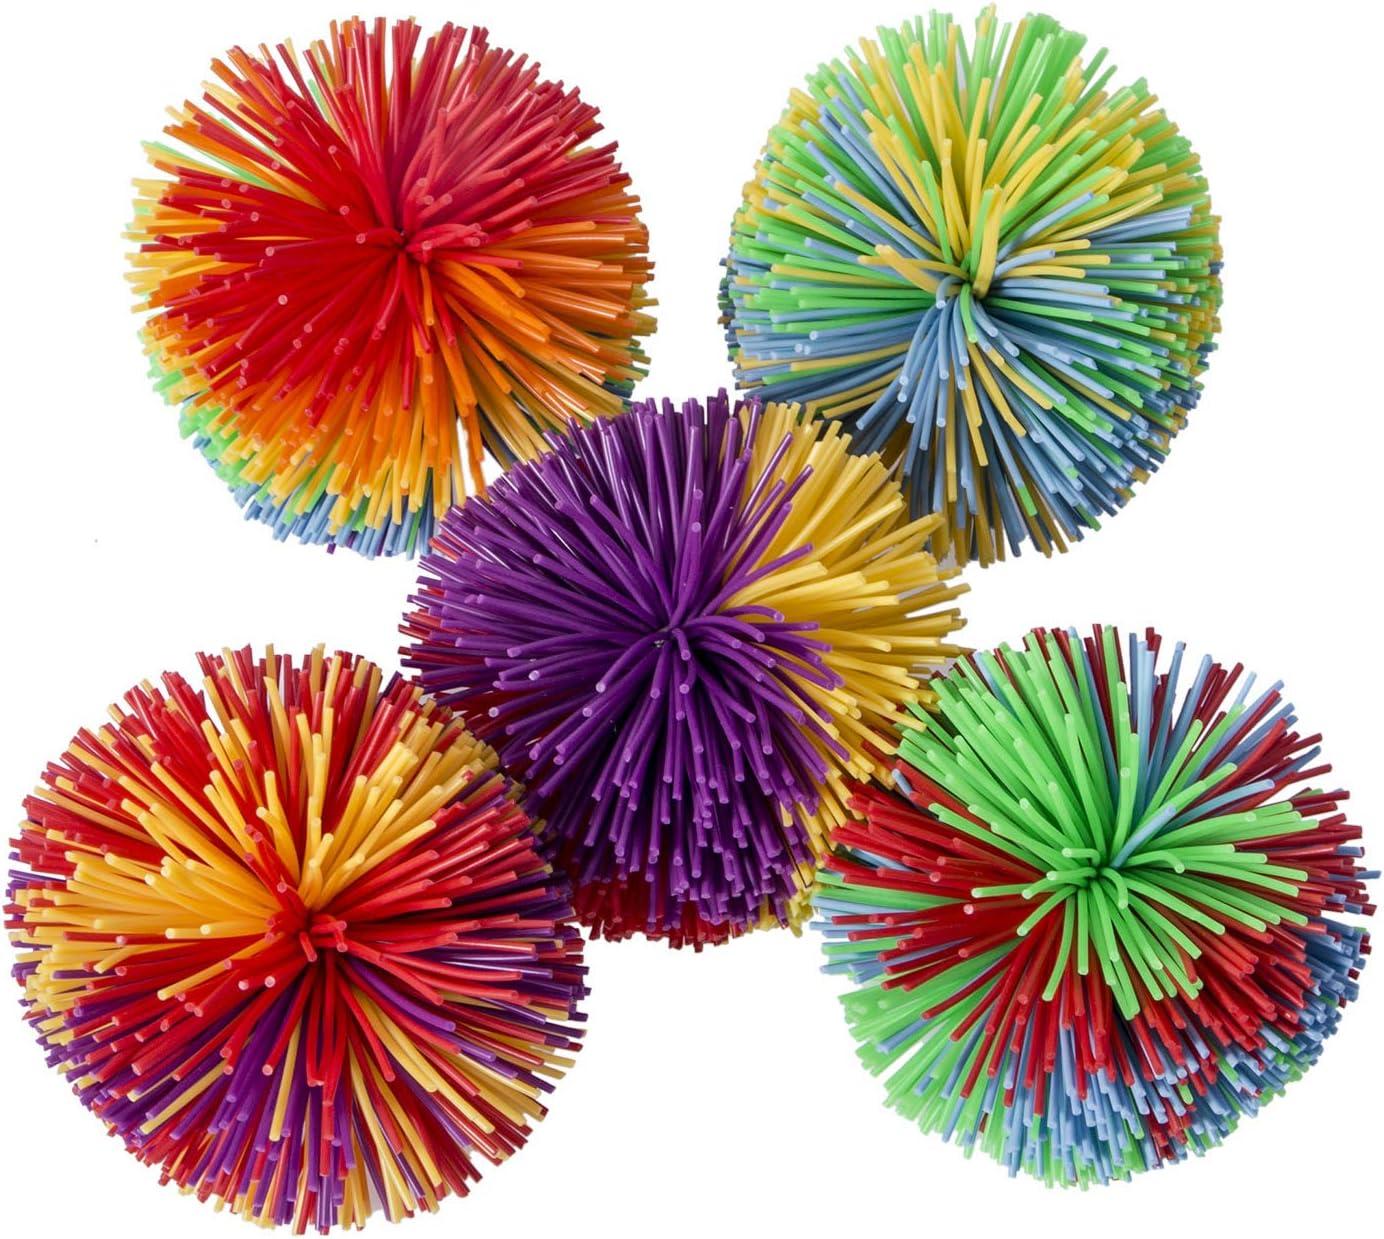 Hibery 5 Pack Monkey Stringy Balls, Soft Stress Balls Monkey Balls, Sensory Fidgets Toys, Rainbow Pom Ball, Colorful Bouncy Ball / Stress / Sensory Toy